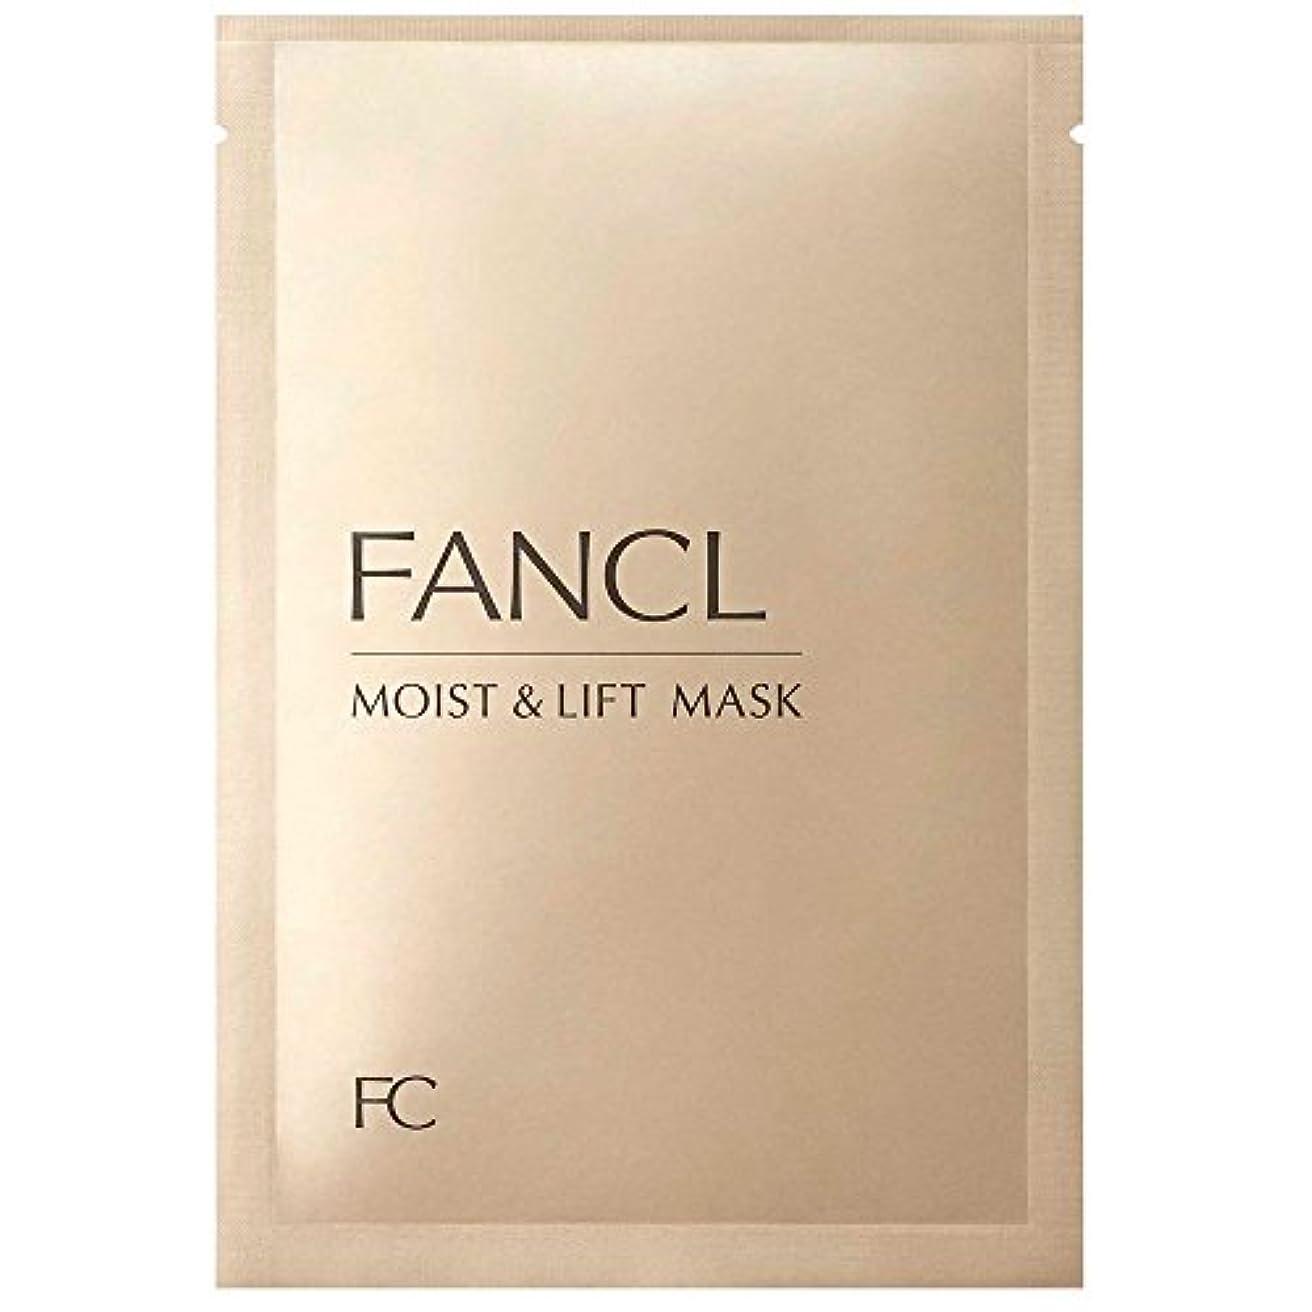 石油文明化する抜け目がないファンケル (FANCL) モイスト&リフトマスク M&L マスク 6枚セット (28mL×6)